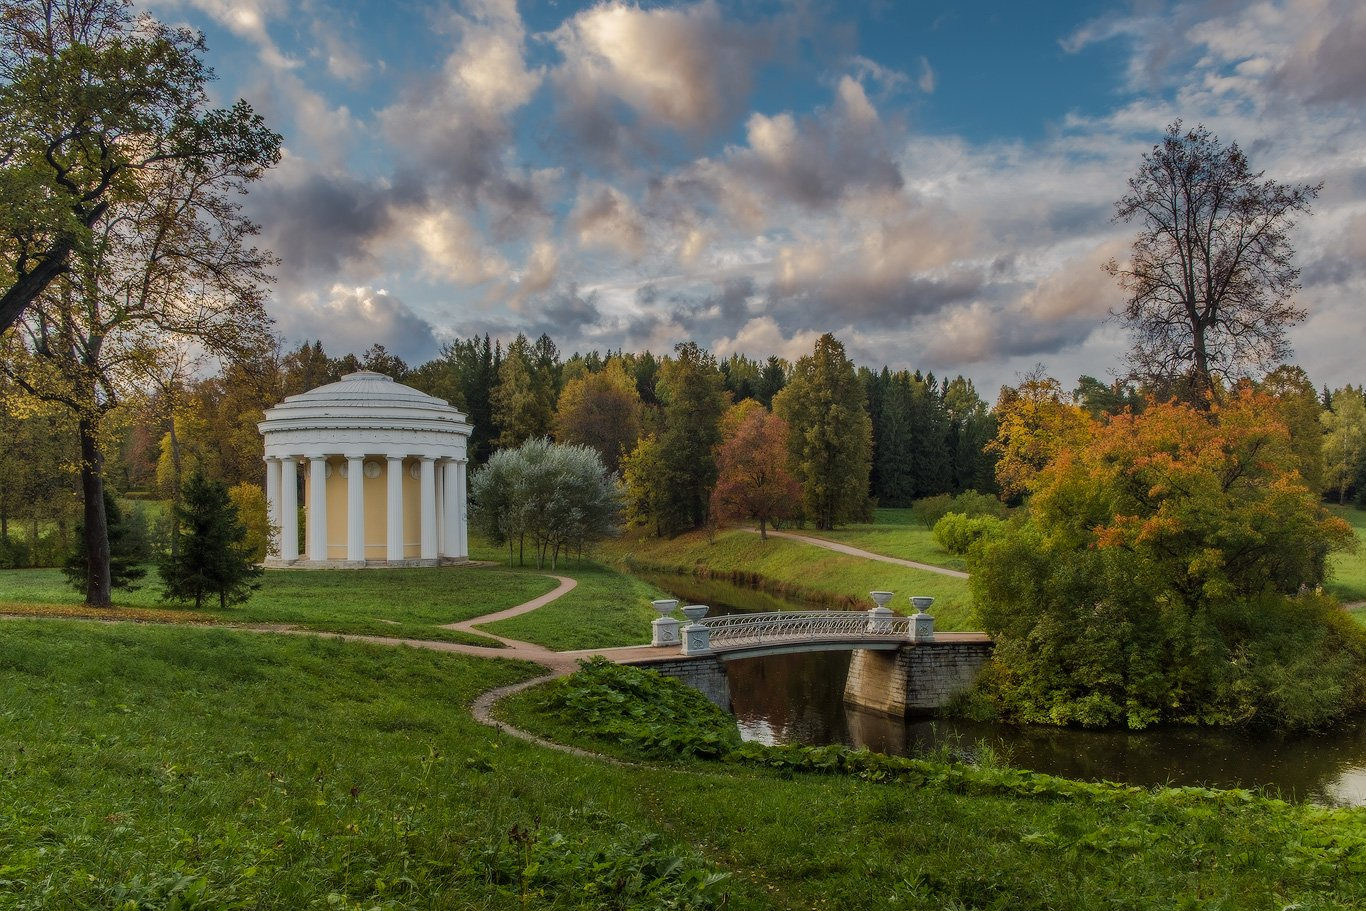 Осень, Павловск, Павловский, Парк, Россия, Храм дружбы, Илья Штром